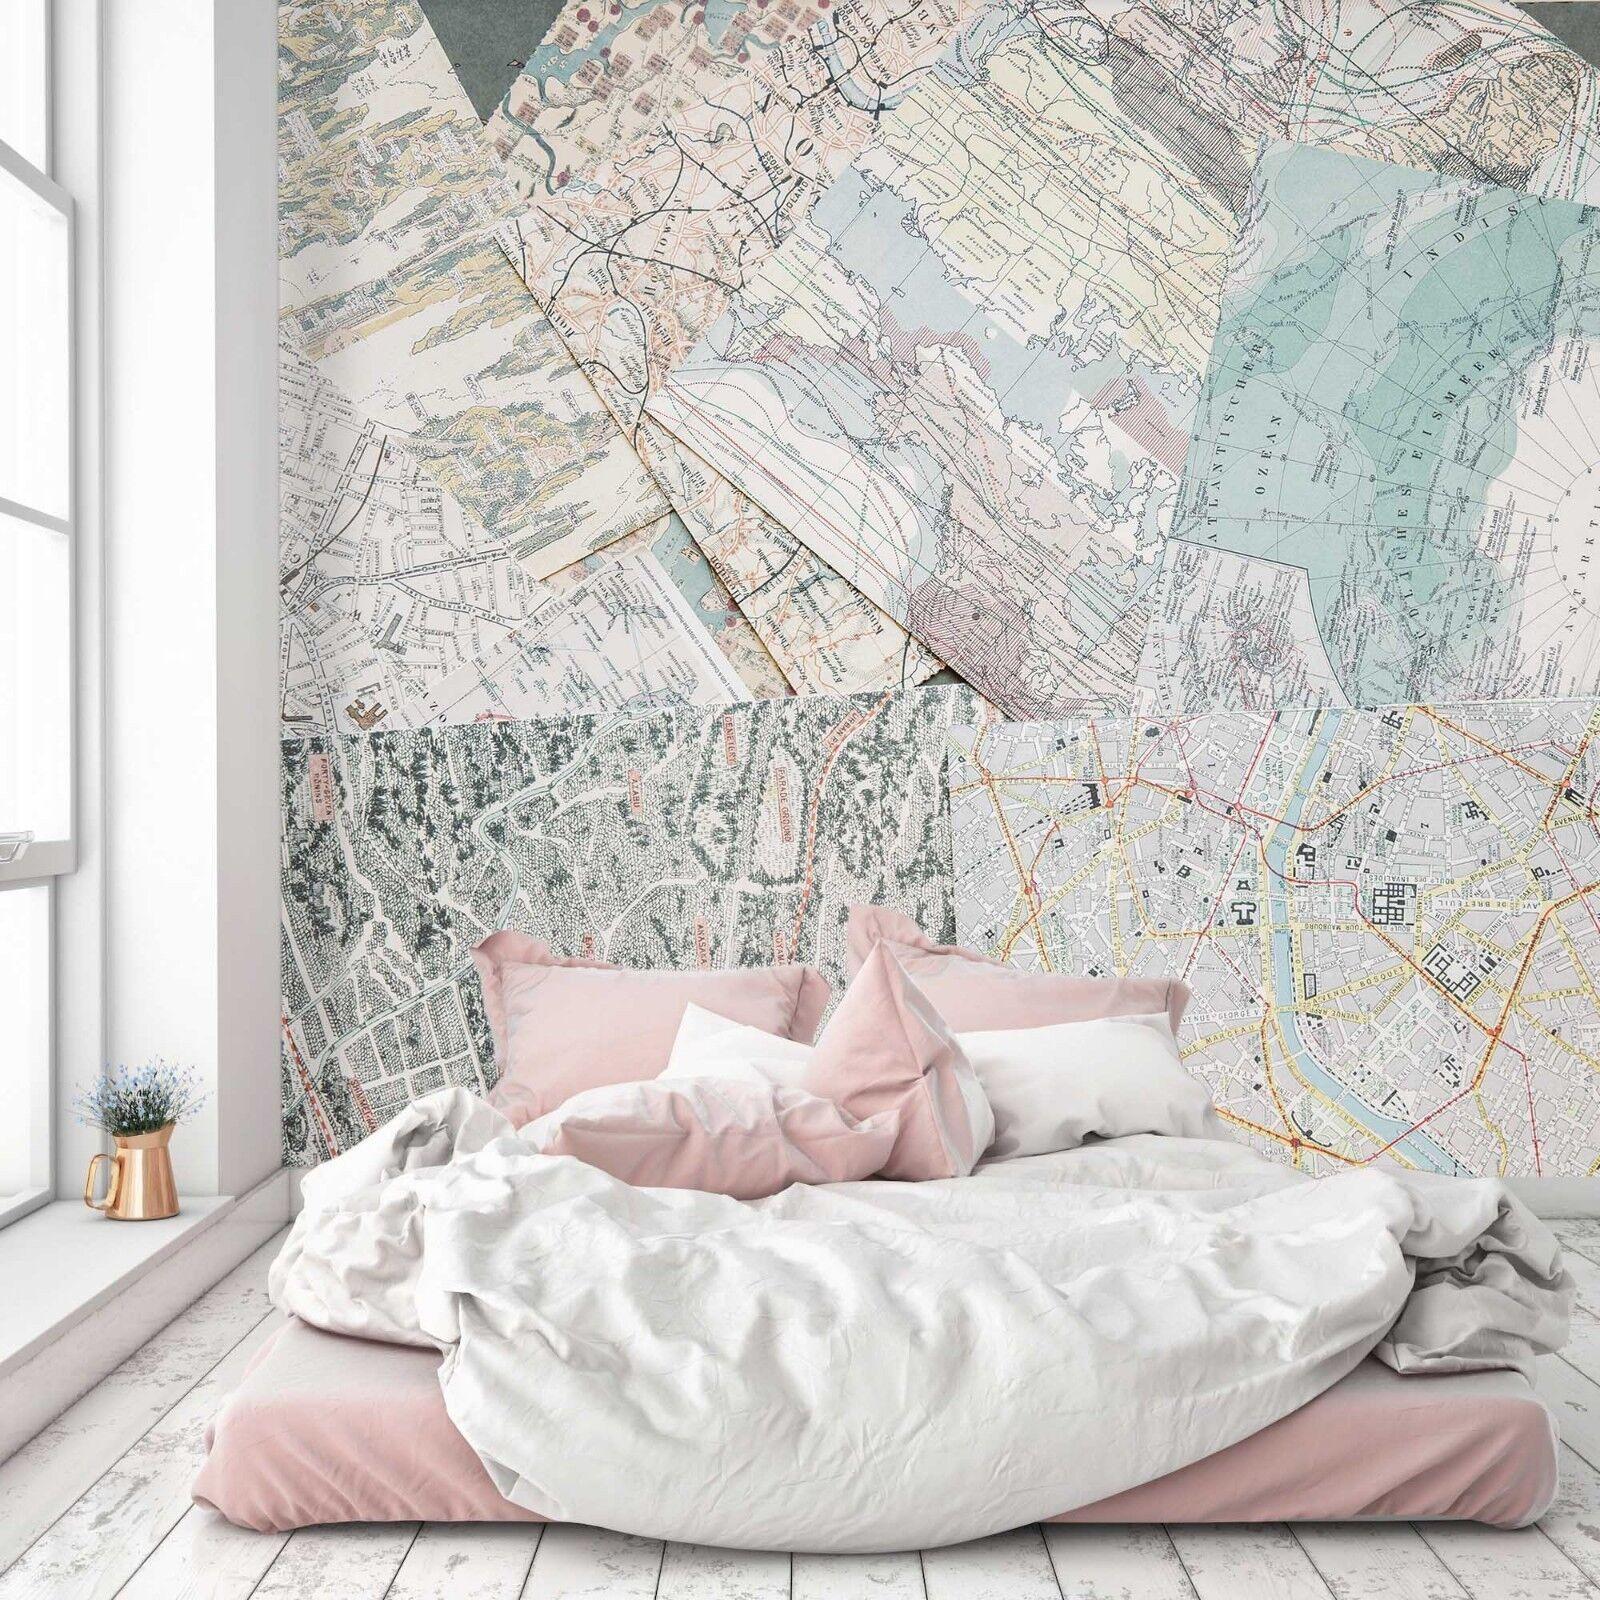 3D Blau Karten 958 Tapete Wandgemälde Tapete Tapeten Bild Familie DE Sidney  | New Product 2019  | Ausgezeichnete Leistung  | Attraktive Mode